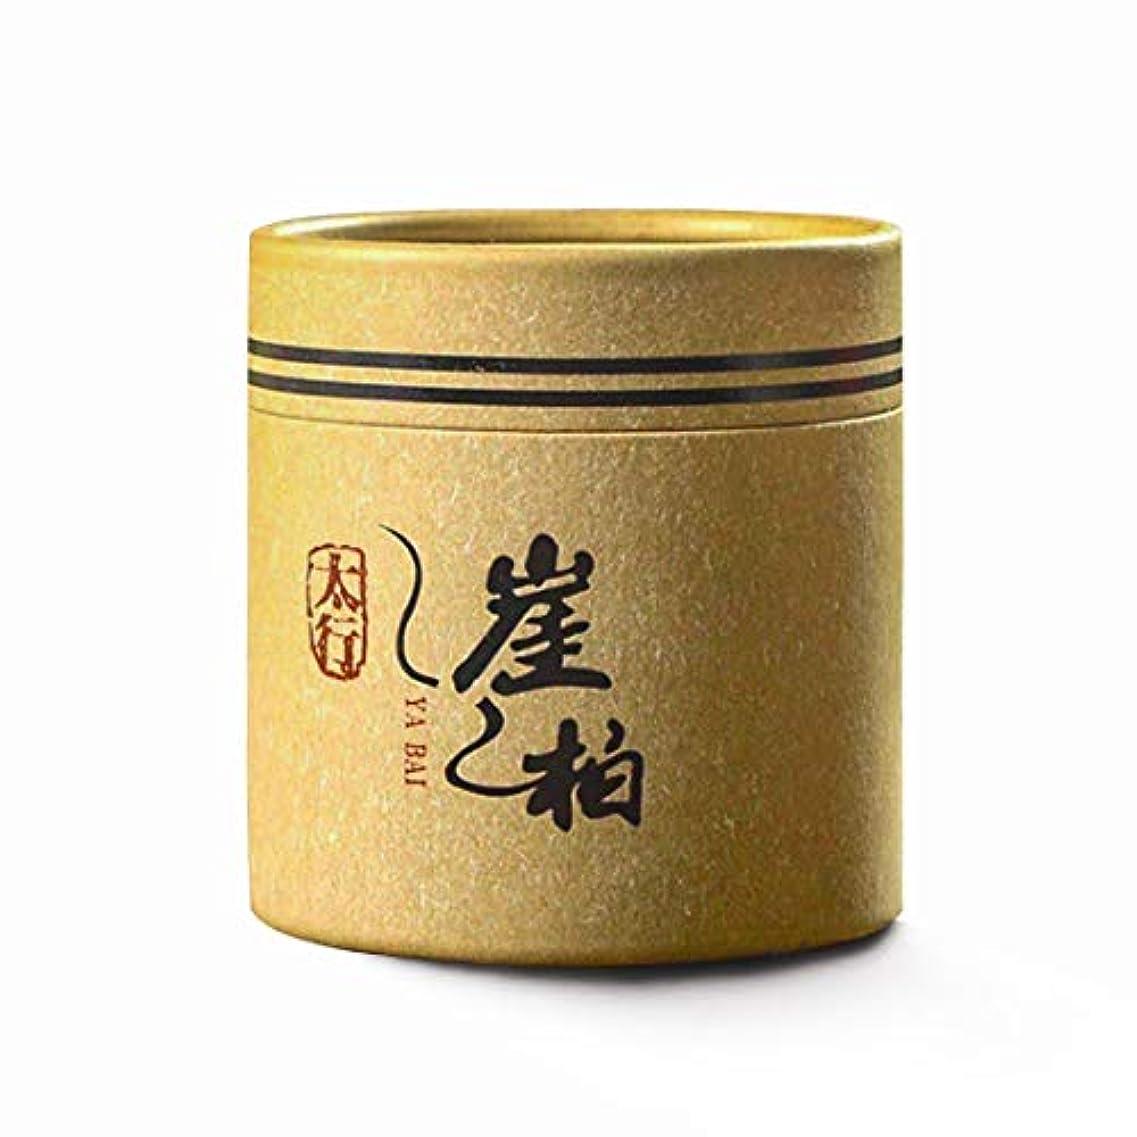 見落とす光電資料Hwagui お香 陈化崖柏 優しい香り 渦巻き線香 4時間盤香 48巻入